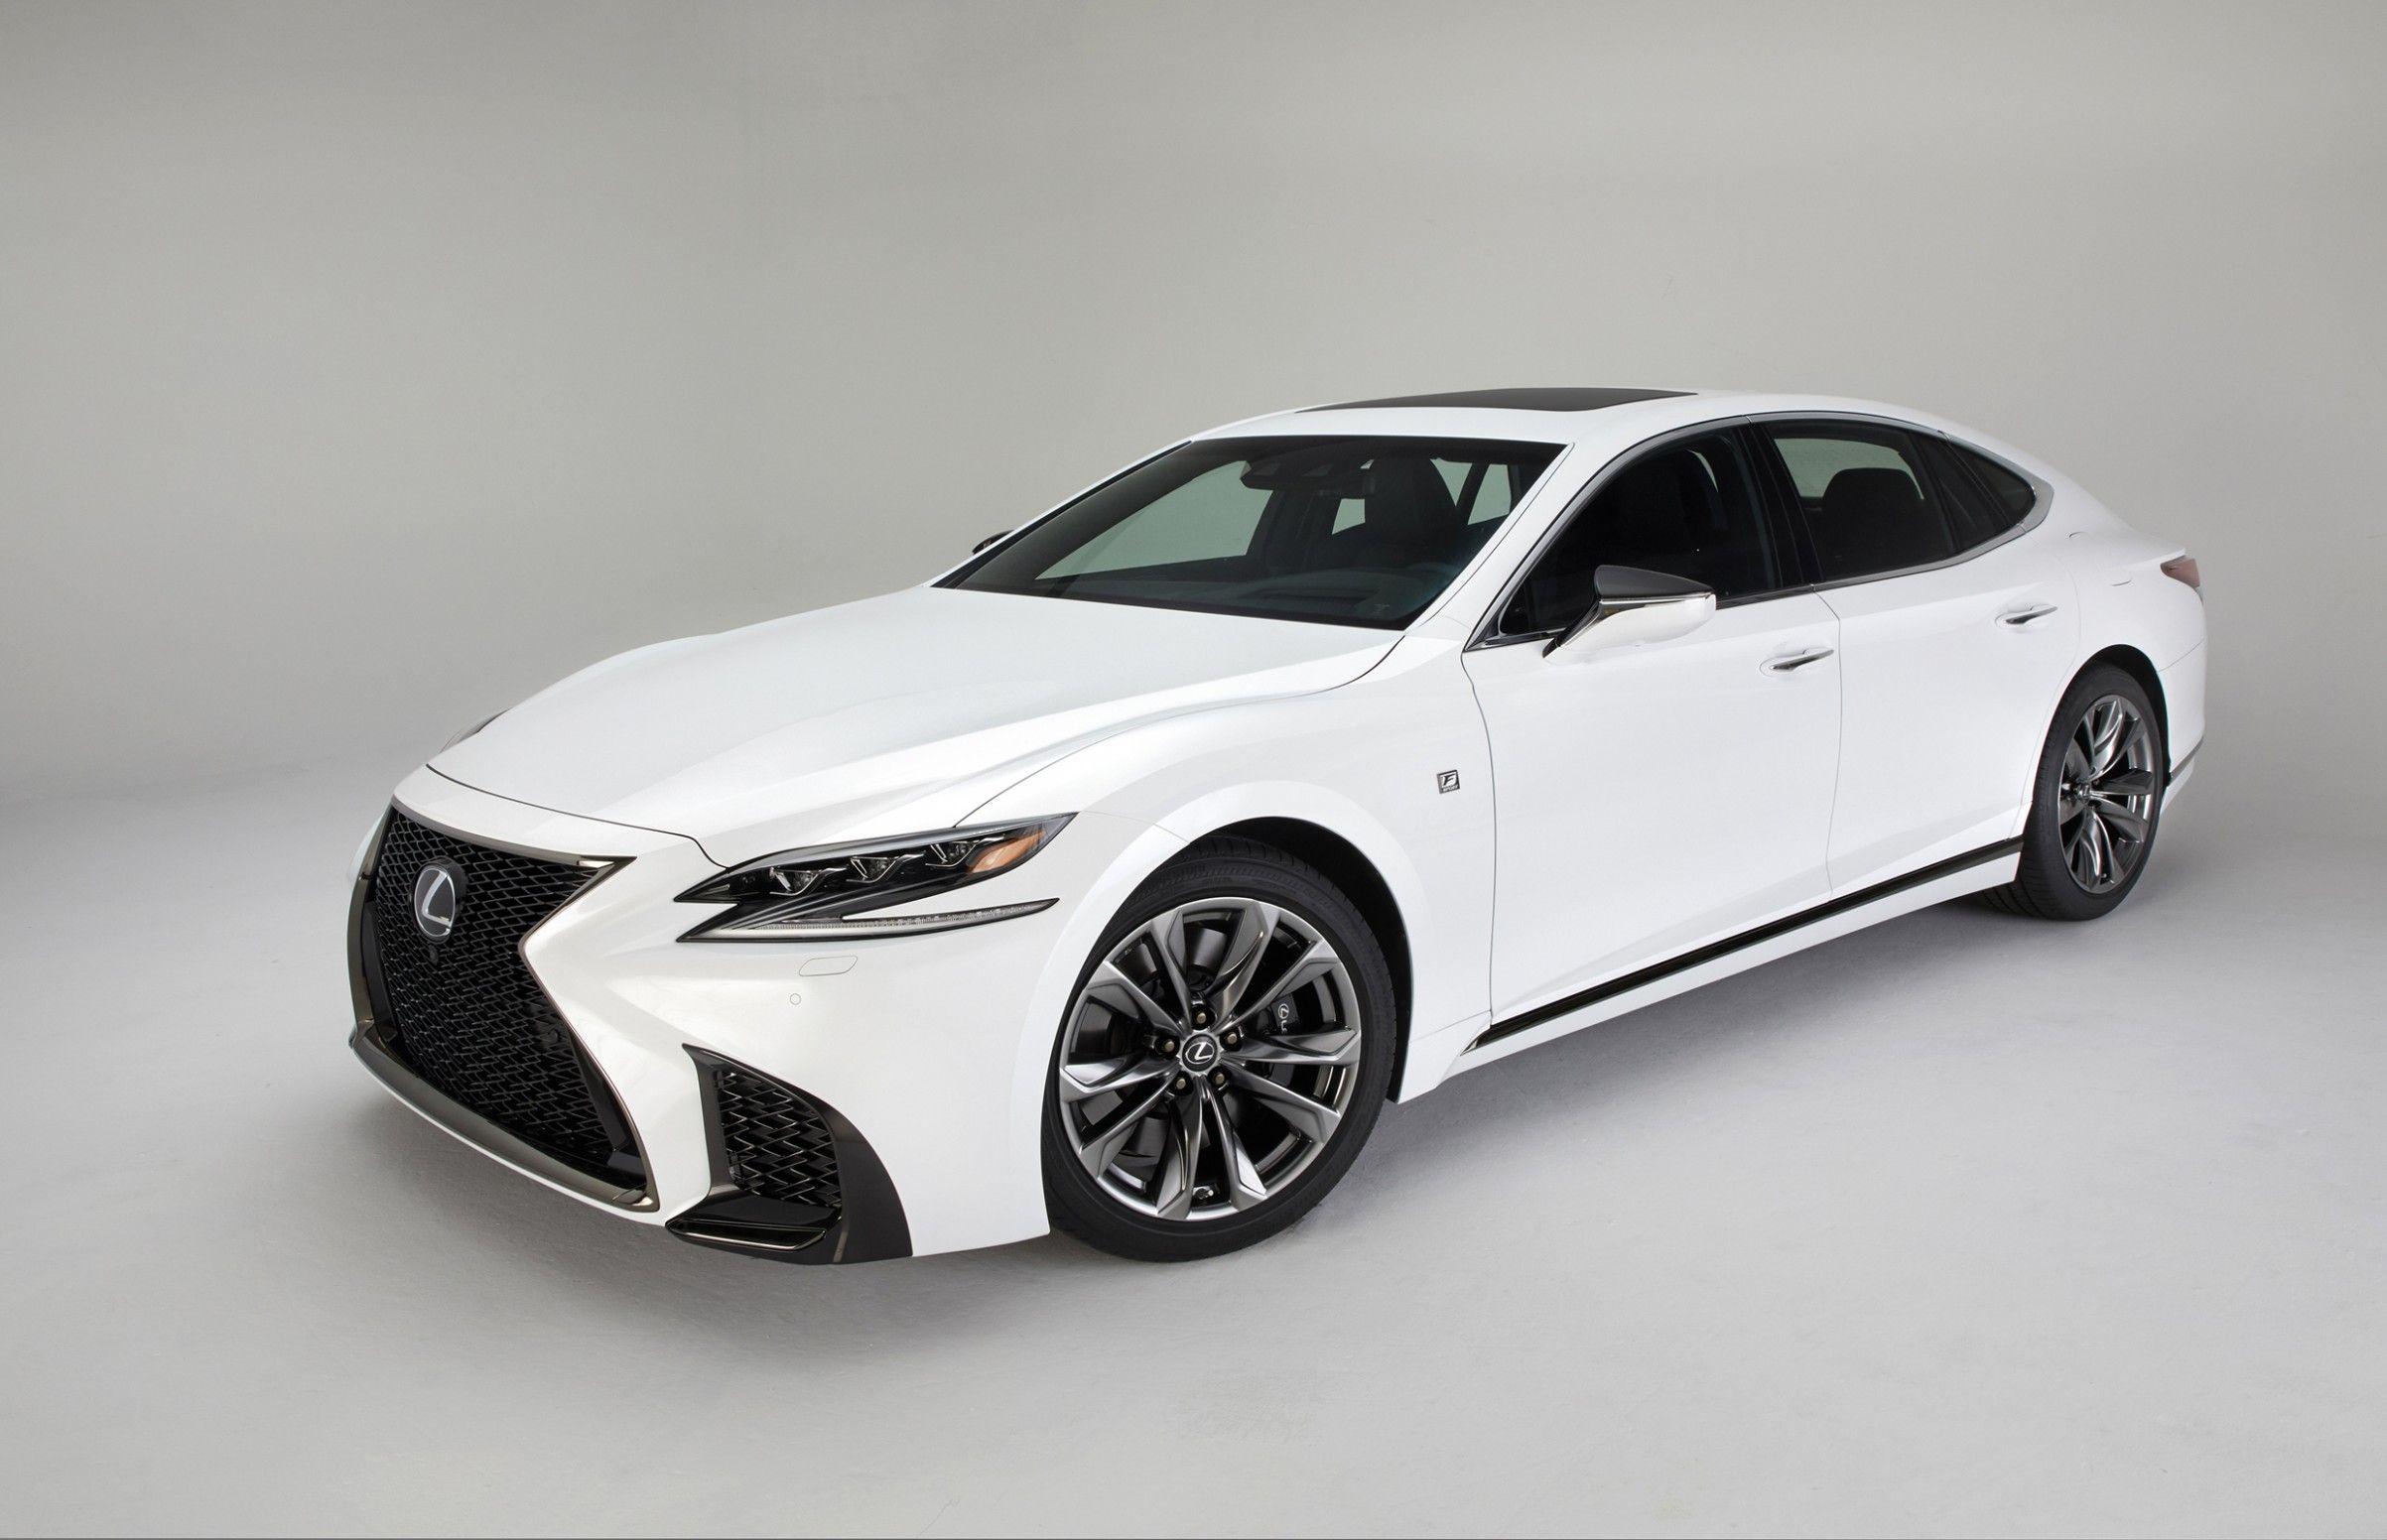 2020 Lexus Ls Reviews In 2020 Lexus Ls New Lexus Lexus Cars